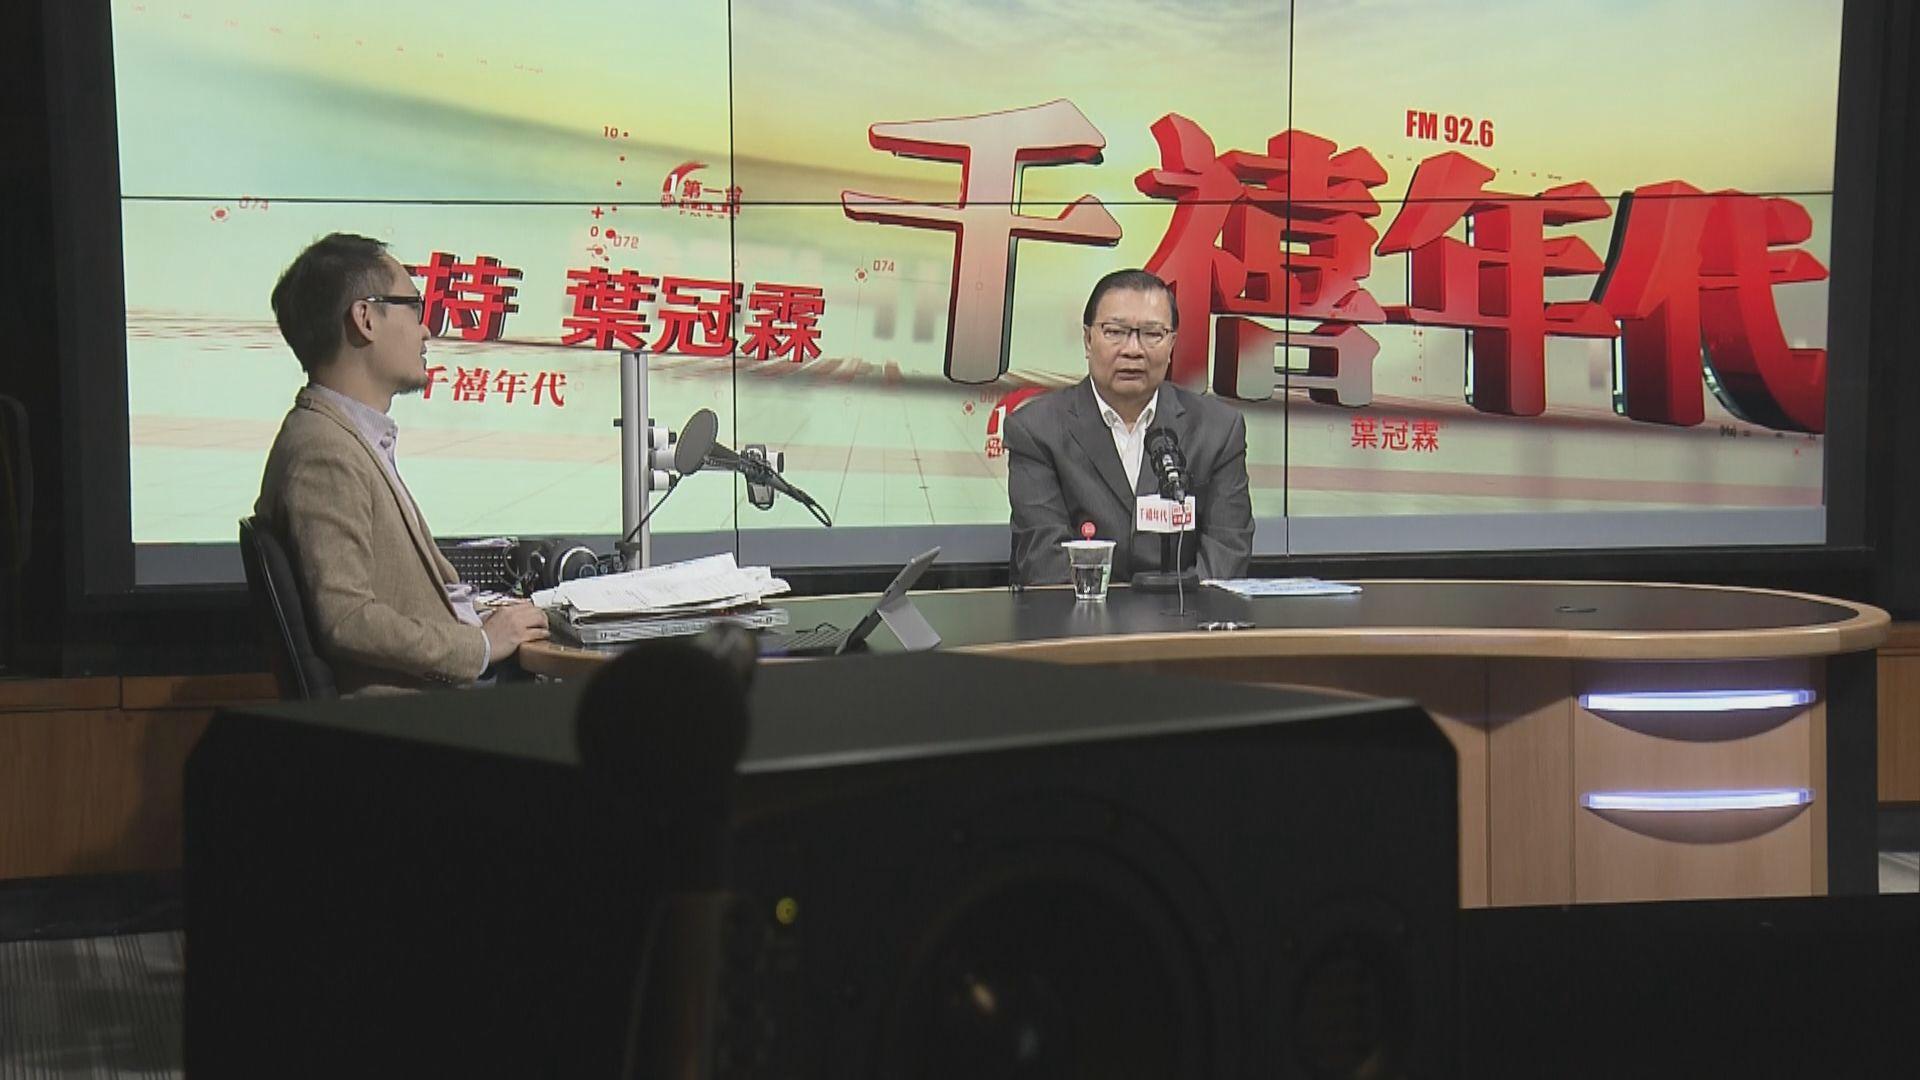 譚耀宗:將草案直接交付大會審議符議事規則